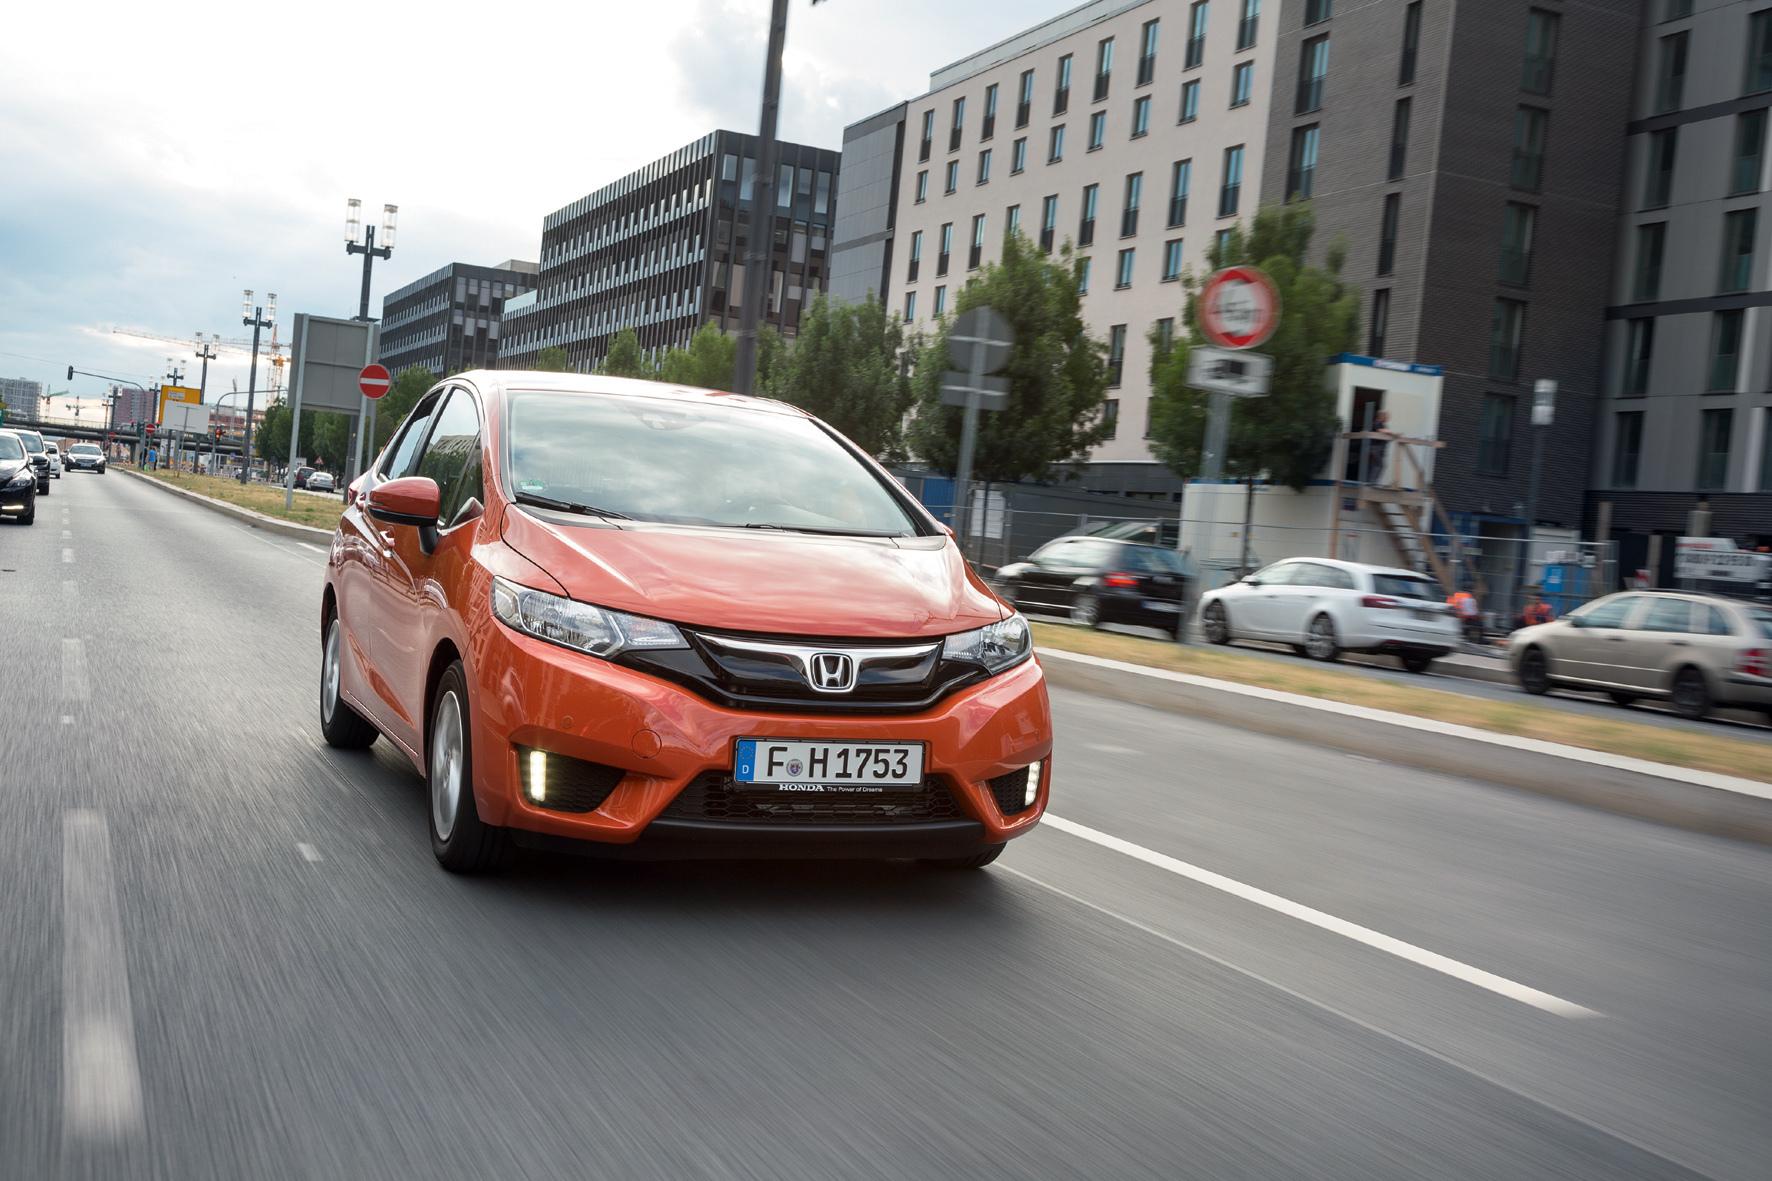 mid Erlensee/Hanau - Der neue Honda Jazz tritt in der nun dritten Modellgeneration mit  neu entwickelter Bodengruppe und neuen Assistenz- und Sicherheitssystemen an.